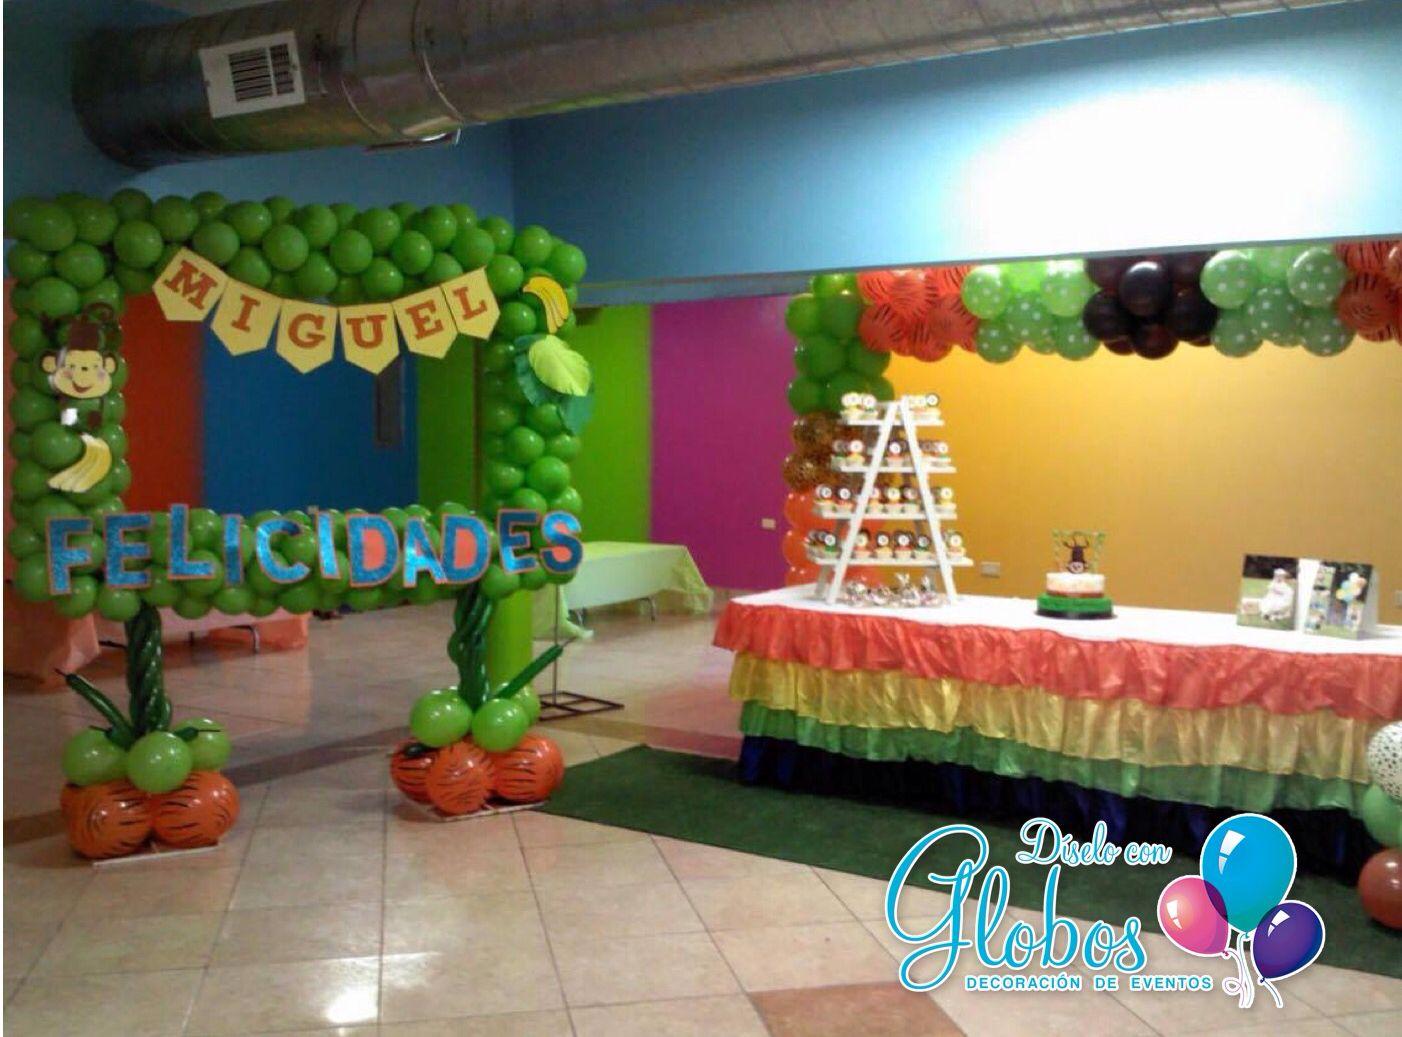 Fiesta en la jungla decoracion con globos diselo con - Decoracion con globos ...